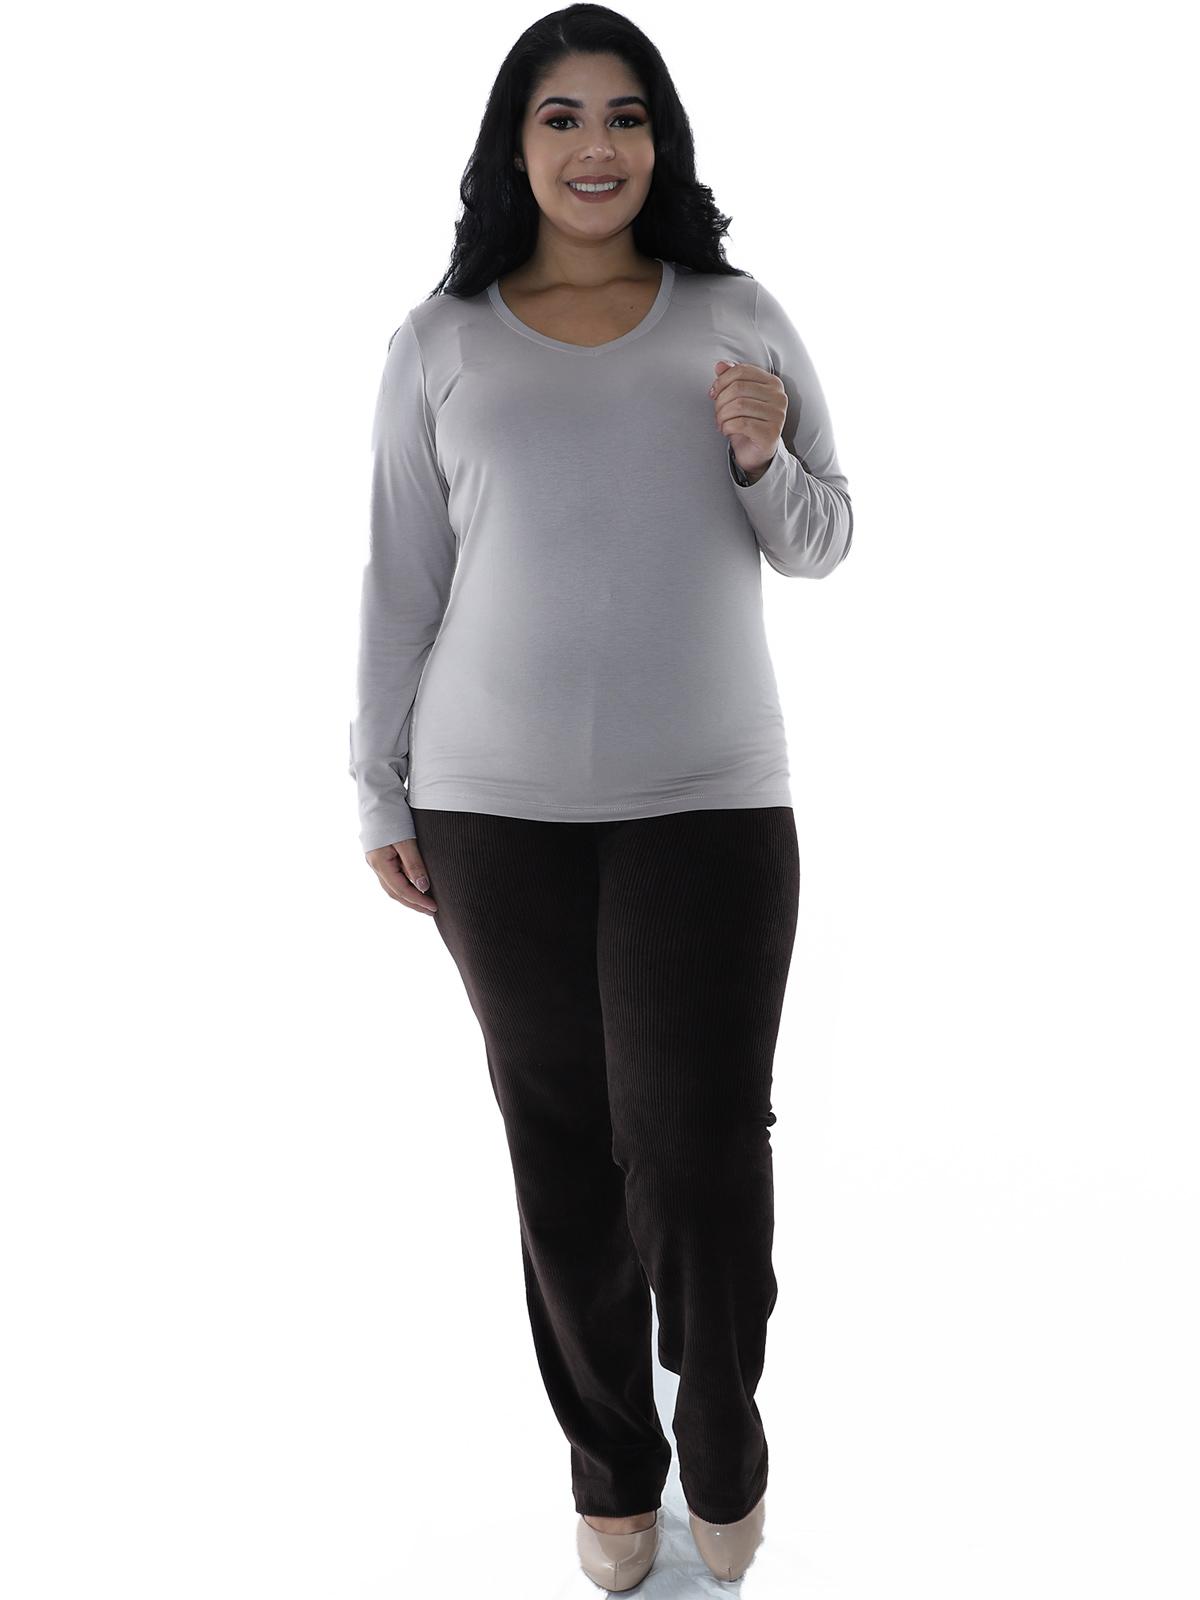 Calça Plus Size Feminina Básica de Veludo Cotelê Marrom